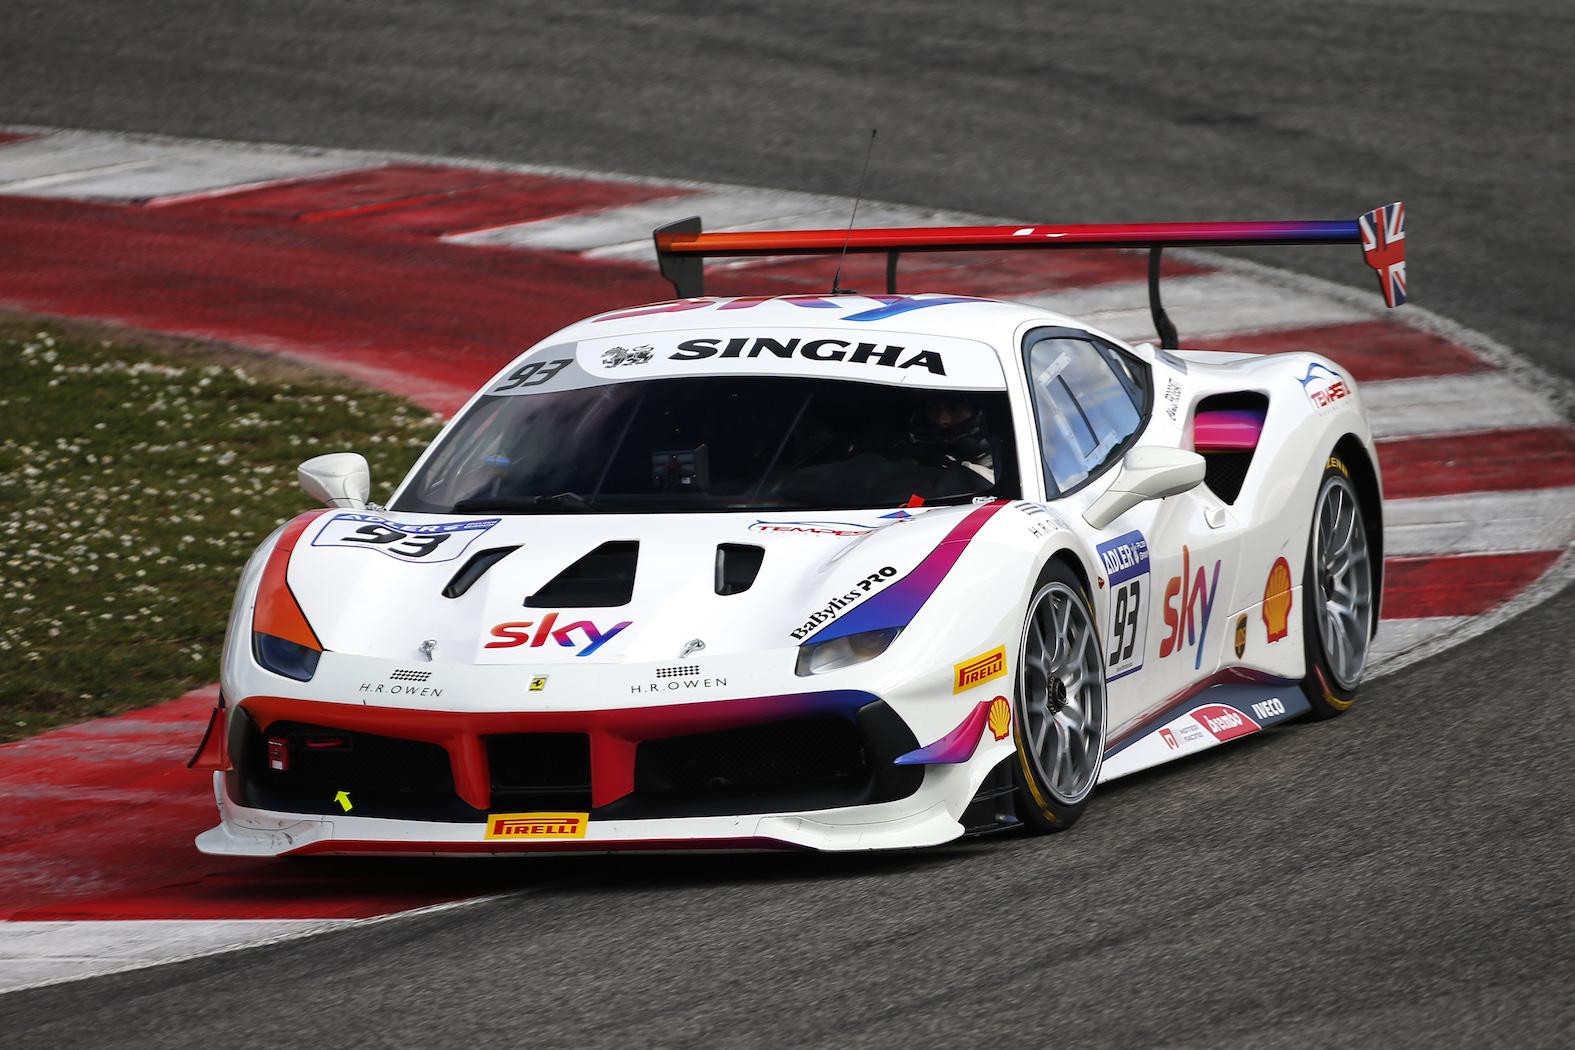 Lo spettacolo del Ferrari Challenge arriva al Misano World Circuit.